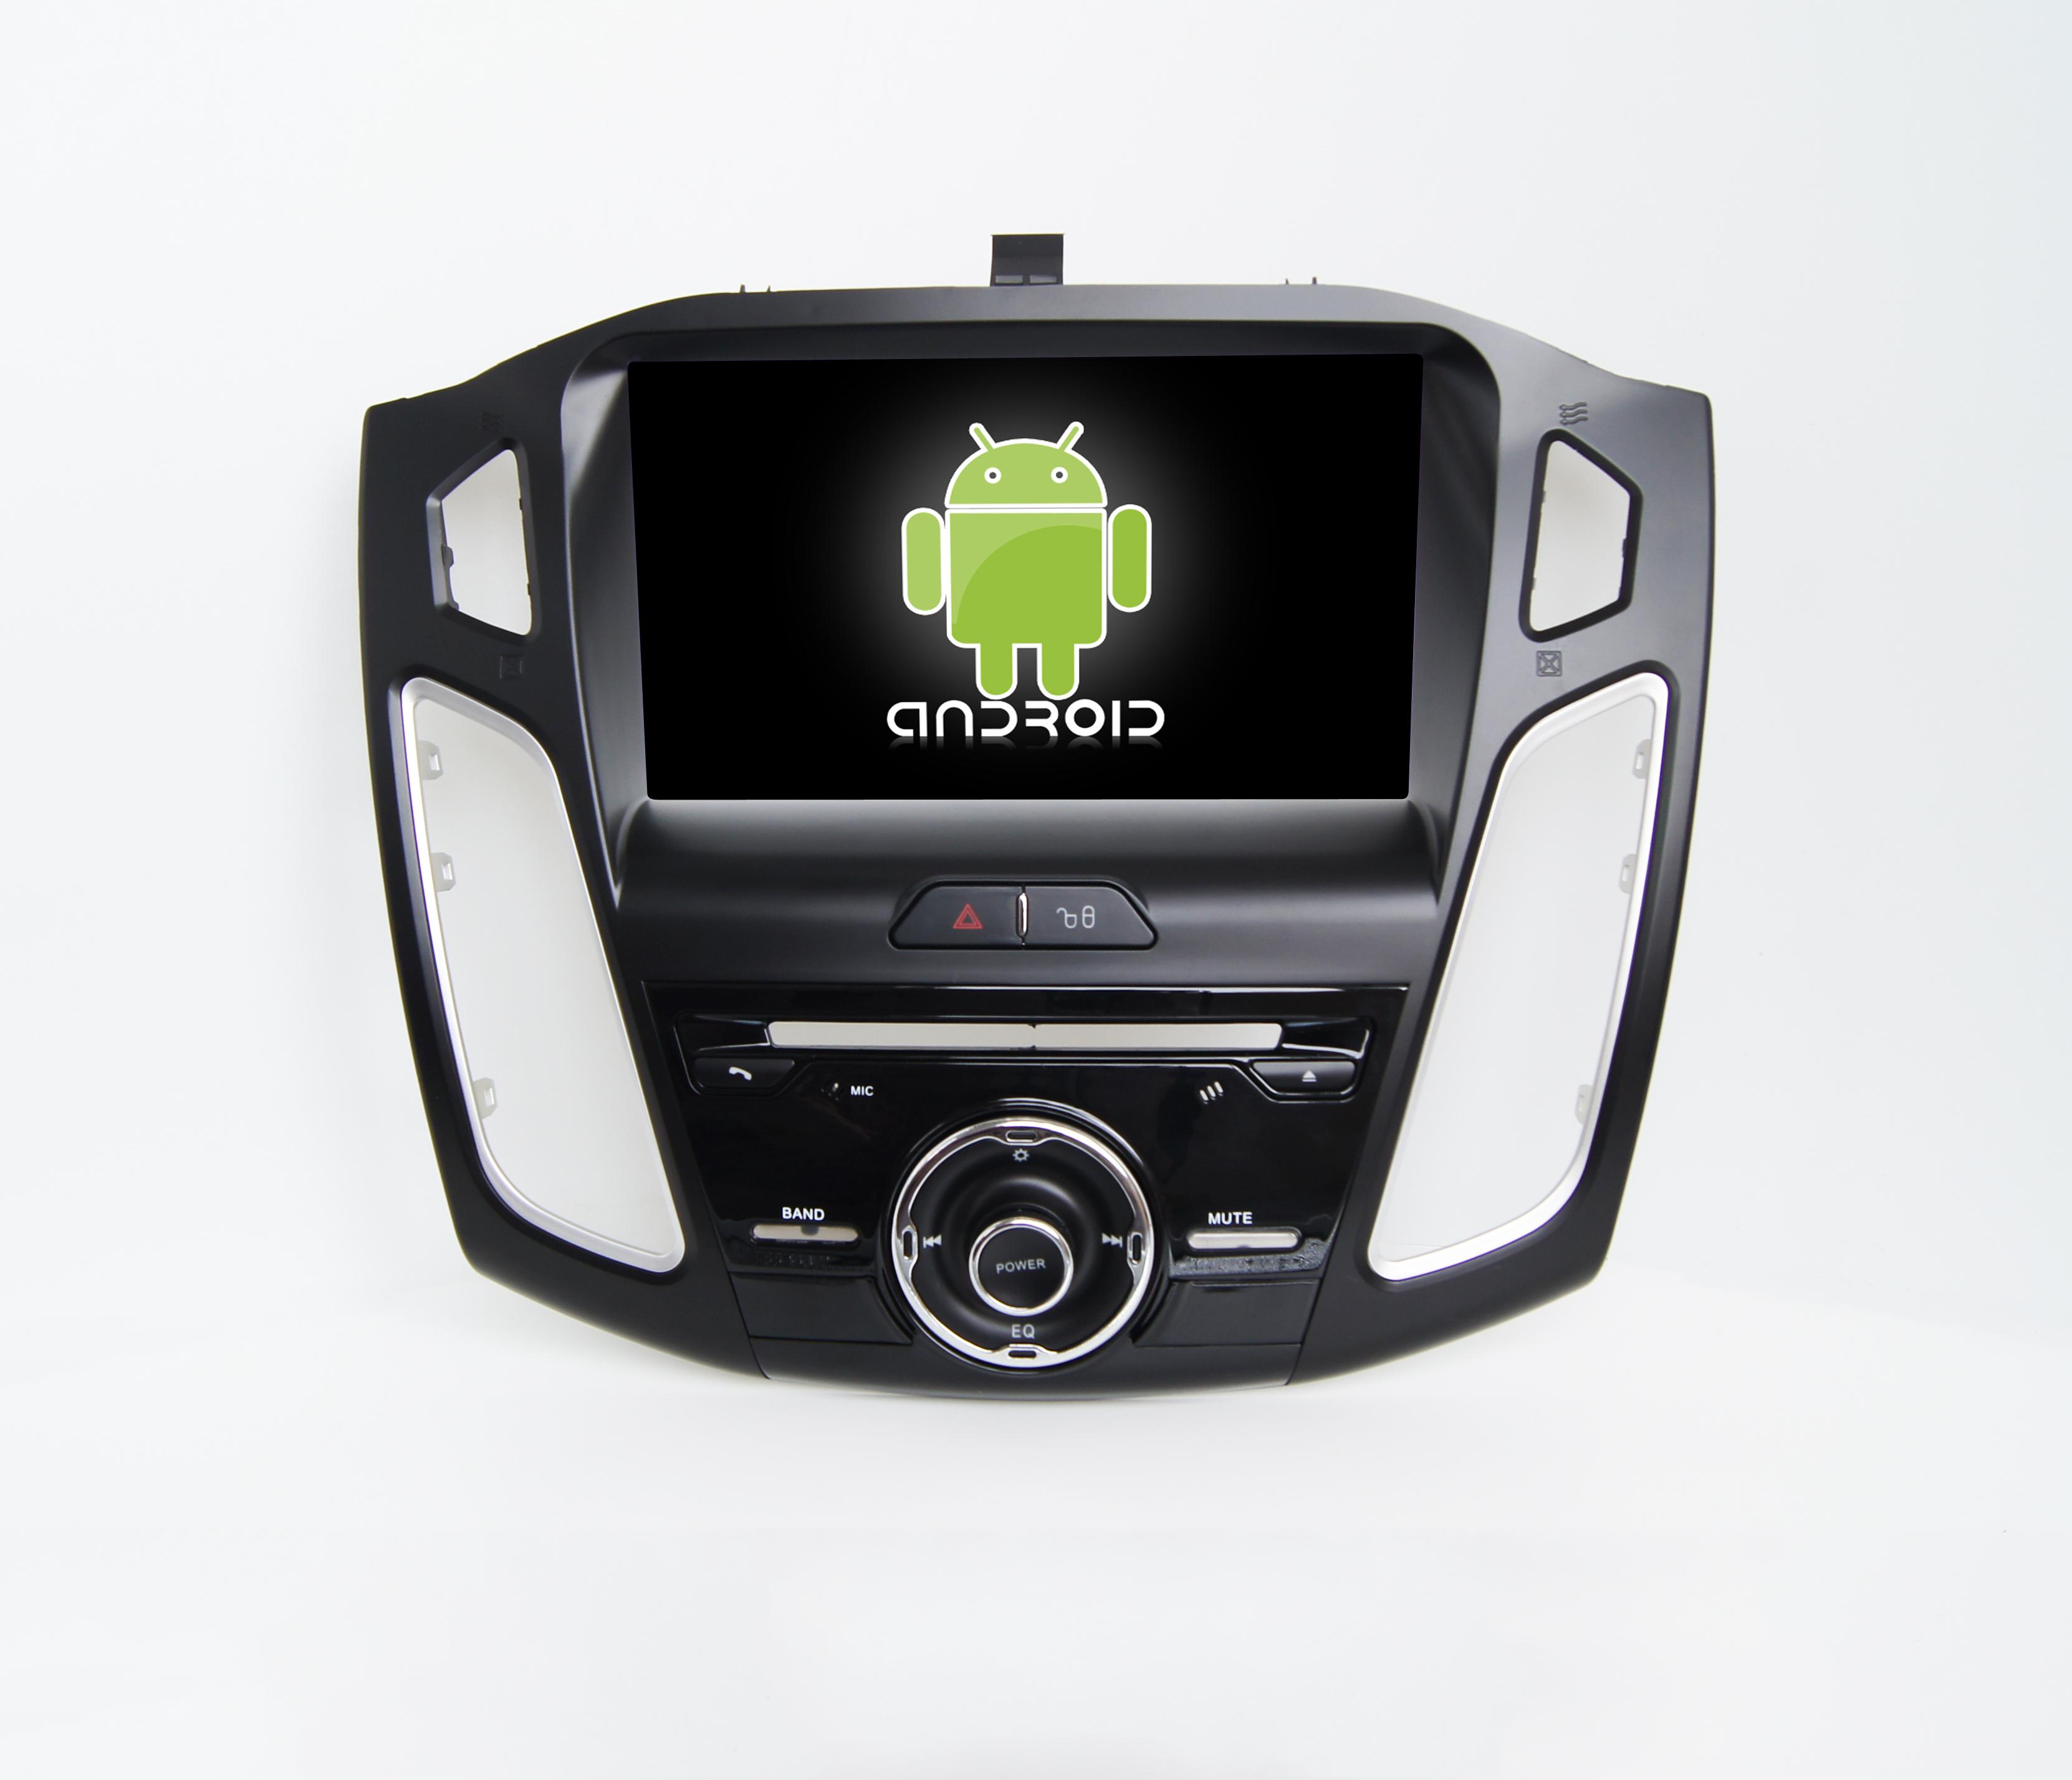 Штатная магнитола CARMEDIA KR-9004-T8 для Ford Focus 2011+ Android 7.1.2CARMEDIA<br>Штатное головное устройство CARMEDIA серии KR-T8 на OS Android 7.1.2 (AW T3 8x1,5 Ghz, 2Gb Ram, 32 Gb ROM, NXP 6686 FM, TDA 7850, BC6 Bluetooth, external microphone+Glonass&amp;amp;gps) специально адаптировано для комфортного управления вашем автомобилем. Используйте все преимущества OS Android, а также последние достижения в области автомобильной электроники.<br>